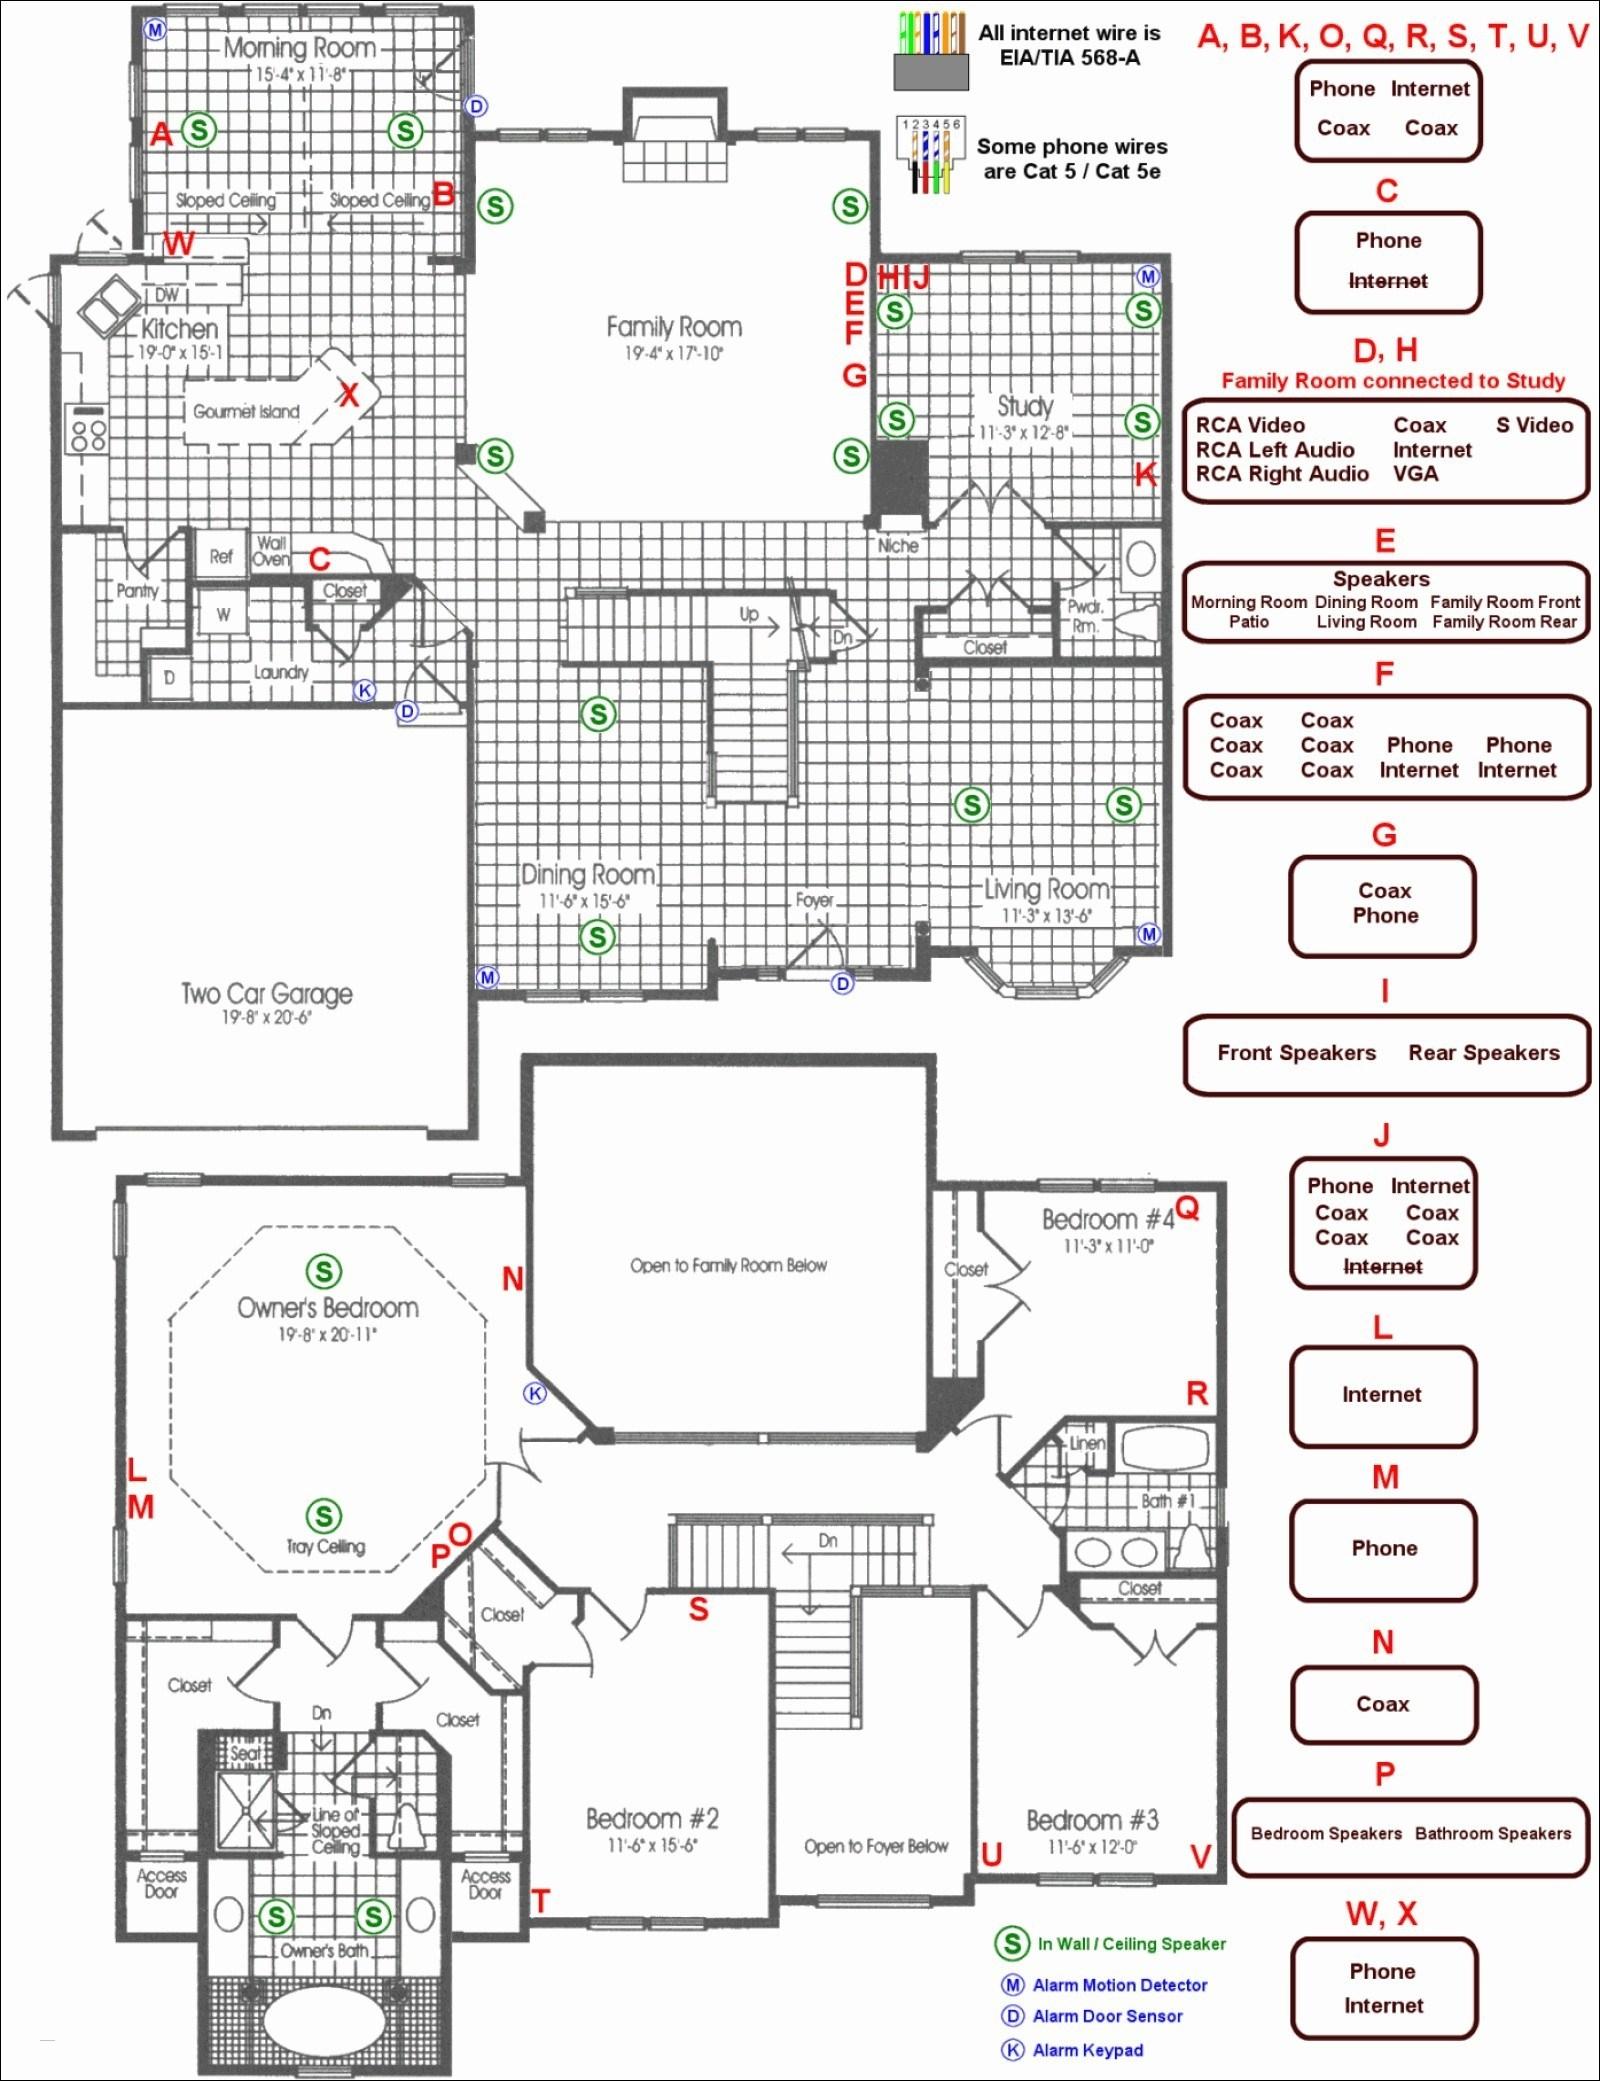 house wiring diagram pdf Collection-Wiring Diagram Detail Name electrical wiring diagram 6-k